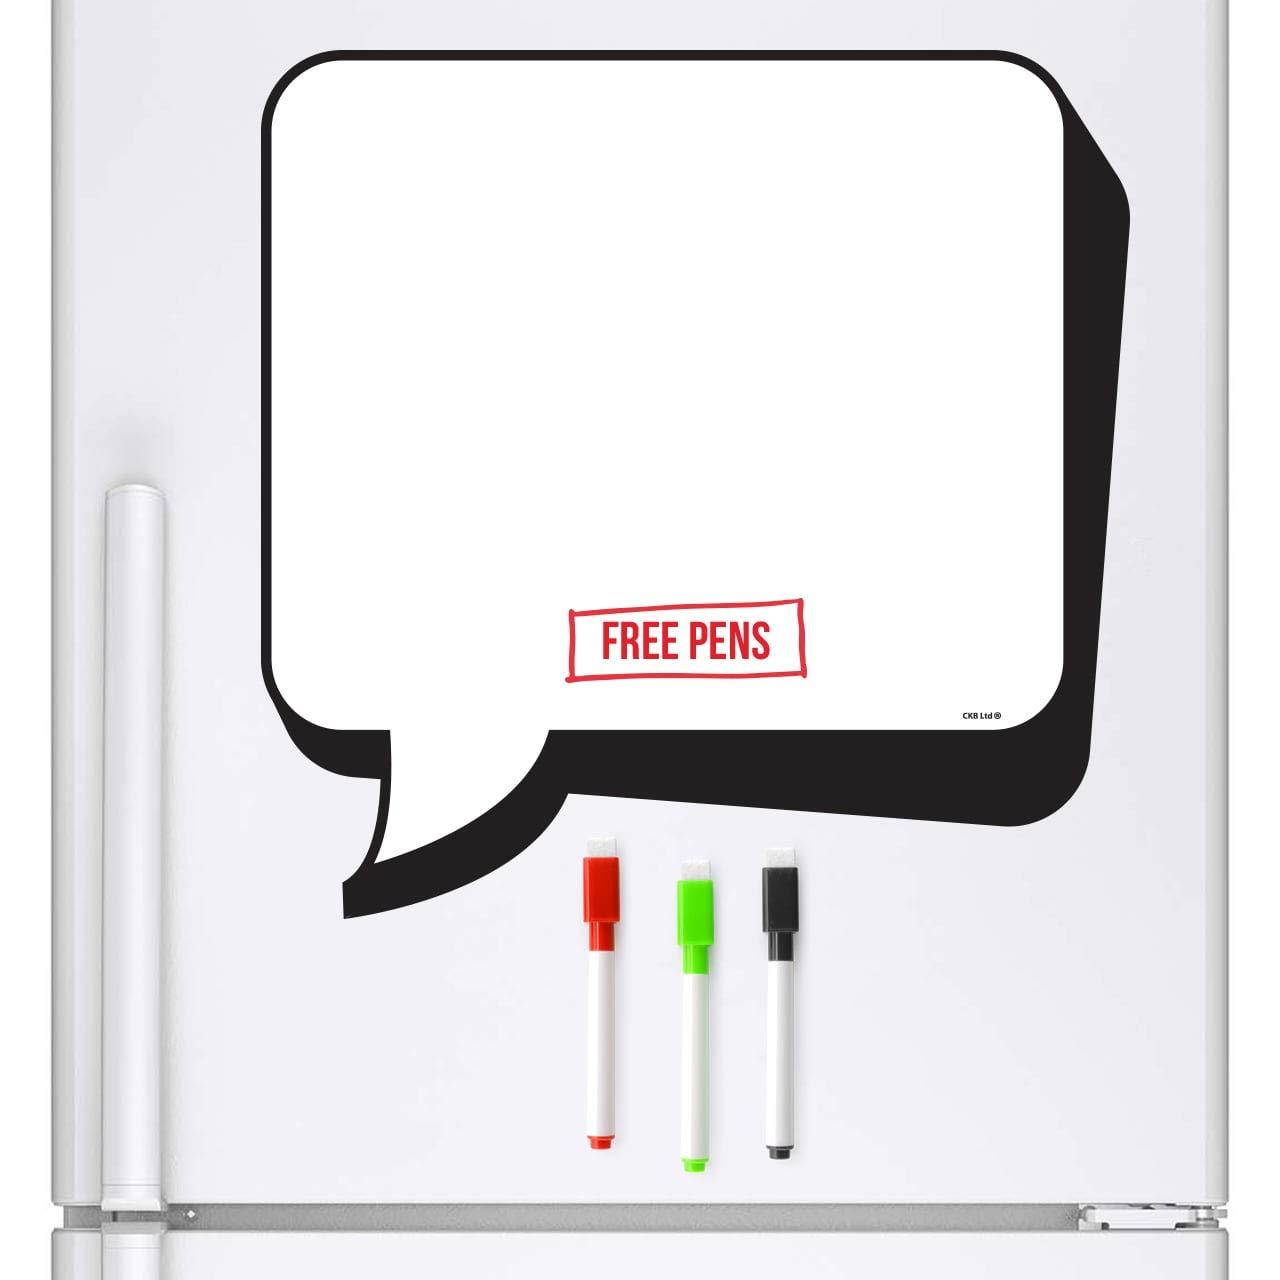 CKB Ltd® Lavagnetta magnetica a forma di nuvoletta in stile fumetto, con pennarello bianco e cancellino, cancellabile a secco, perfetta comeagenda giornaliera e promemoria per la cucina, ampio spazio per scrivere, dimensioni 32x 32cm